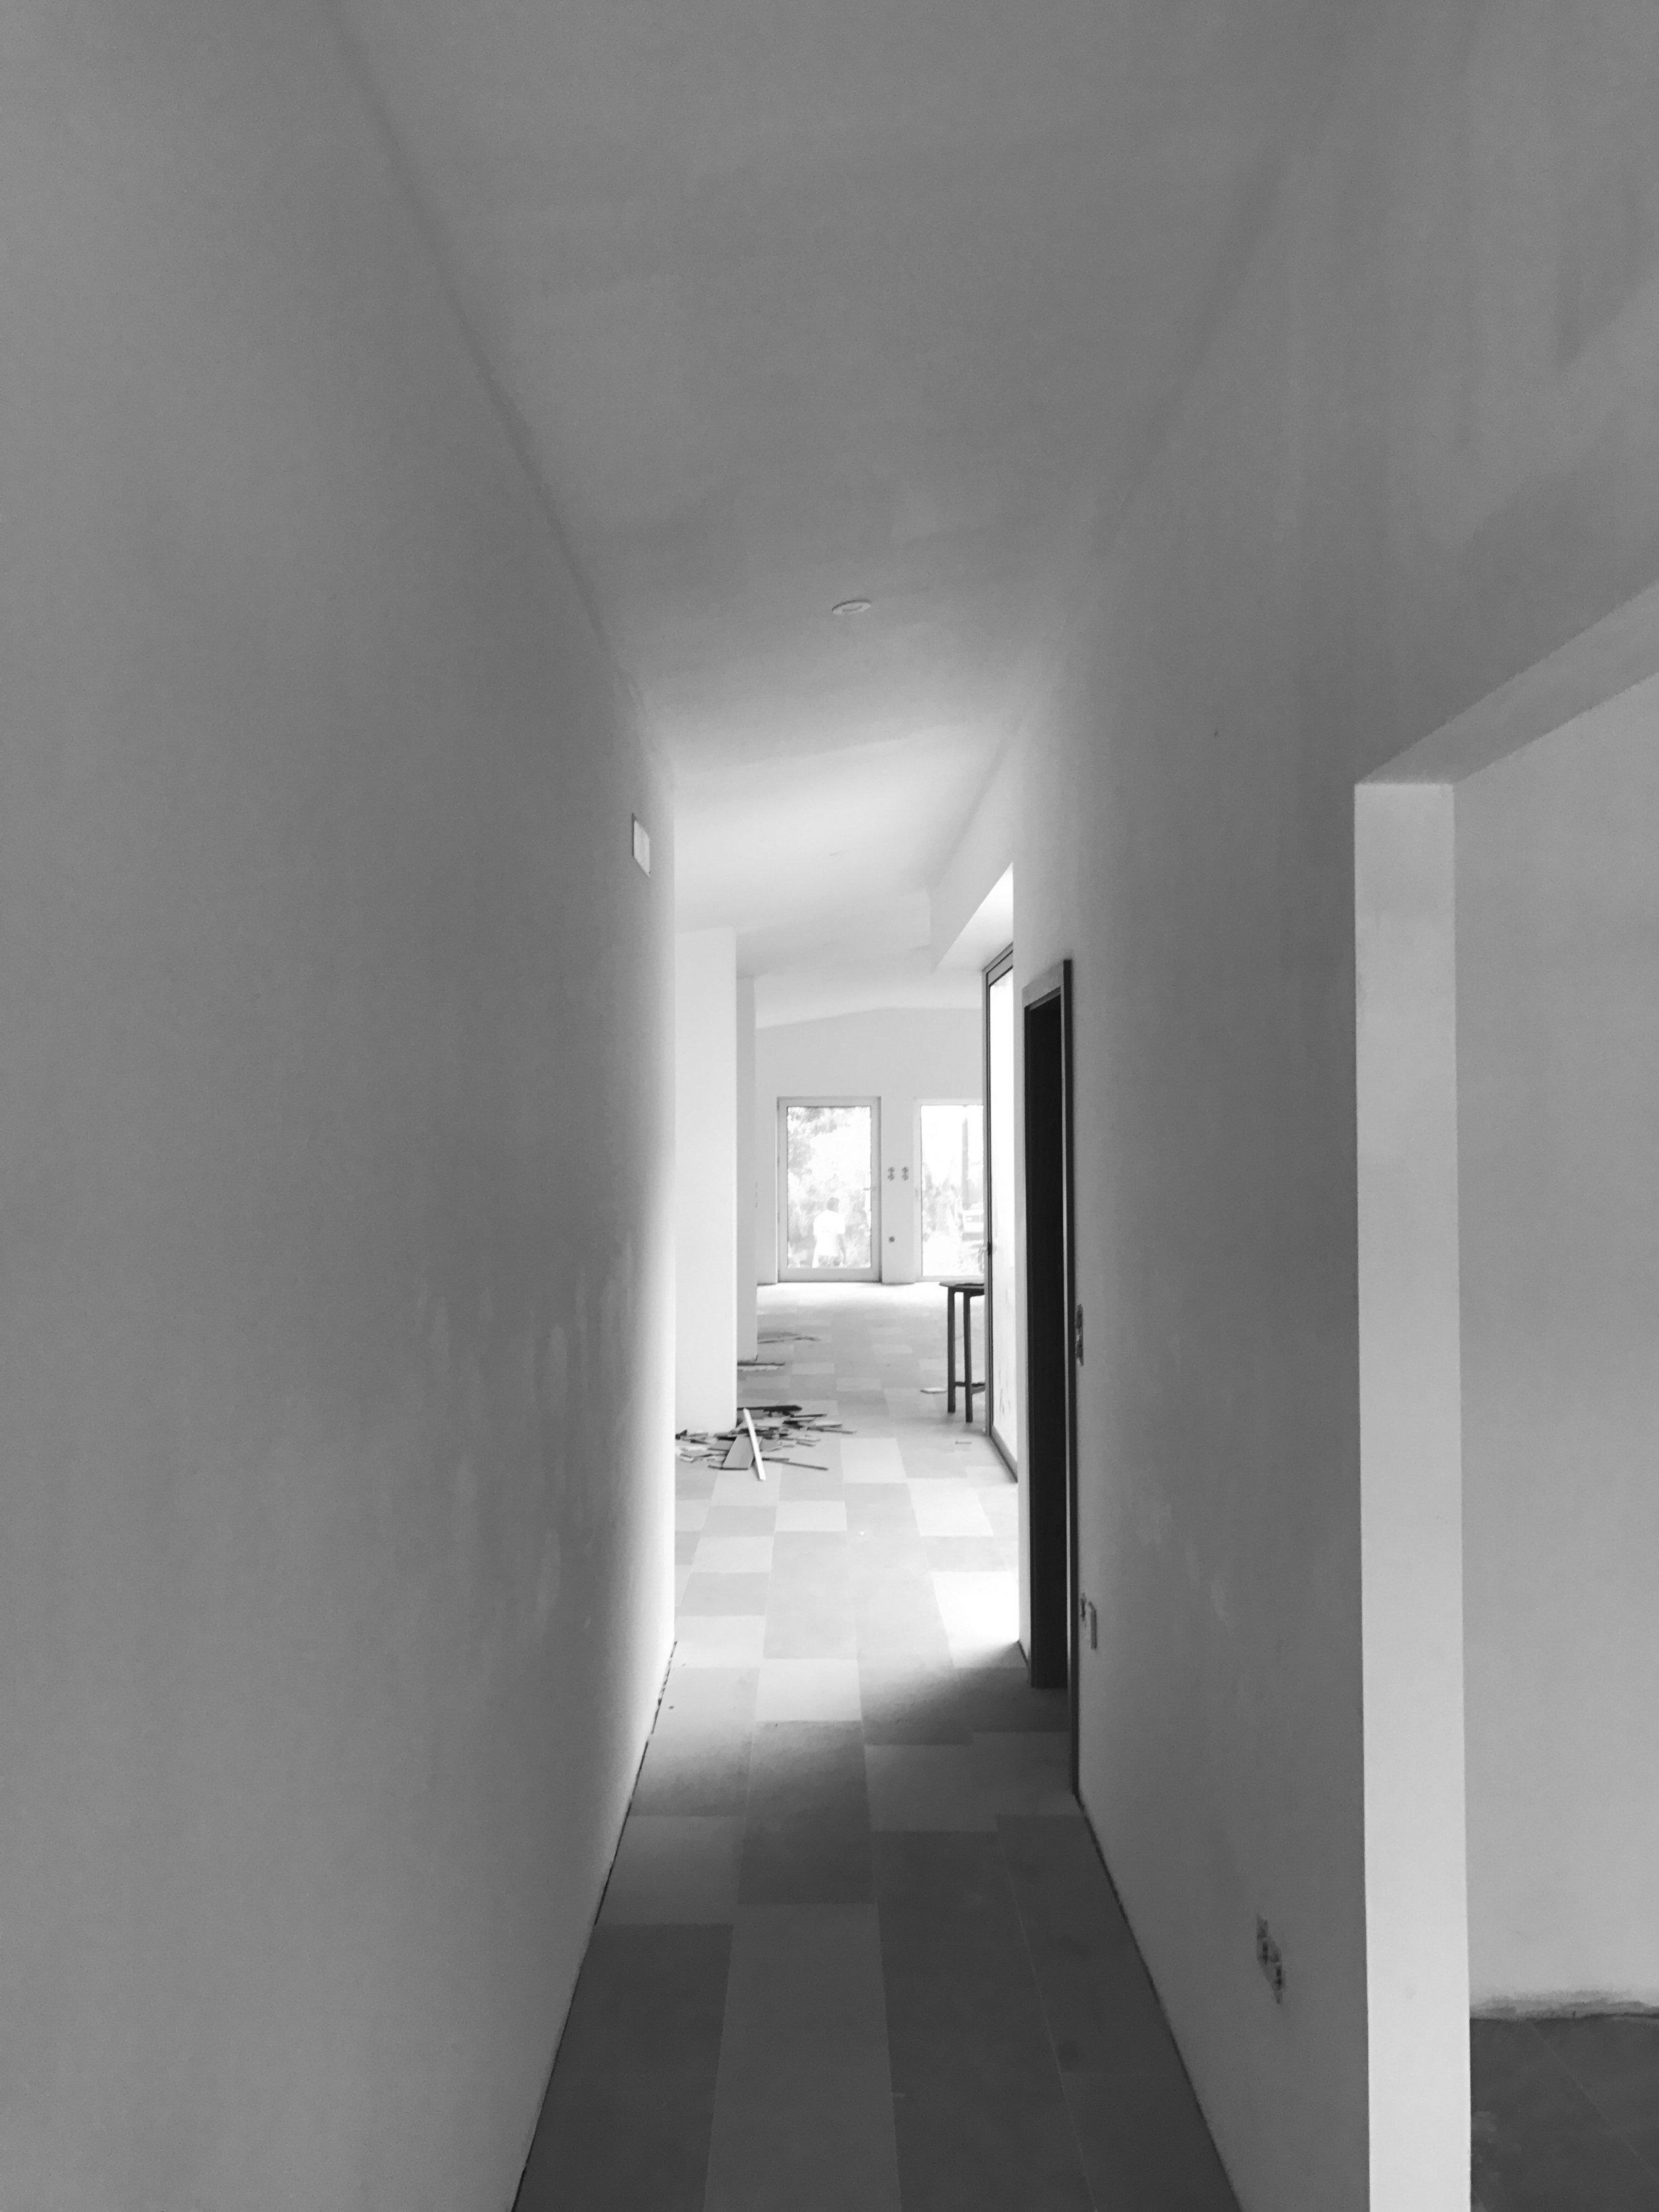 Moradia S+N - arquitectura - arquitectos - porto - oliveira de azemeis - construção - projecto - eva evolutionary architecture (17).jpg